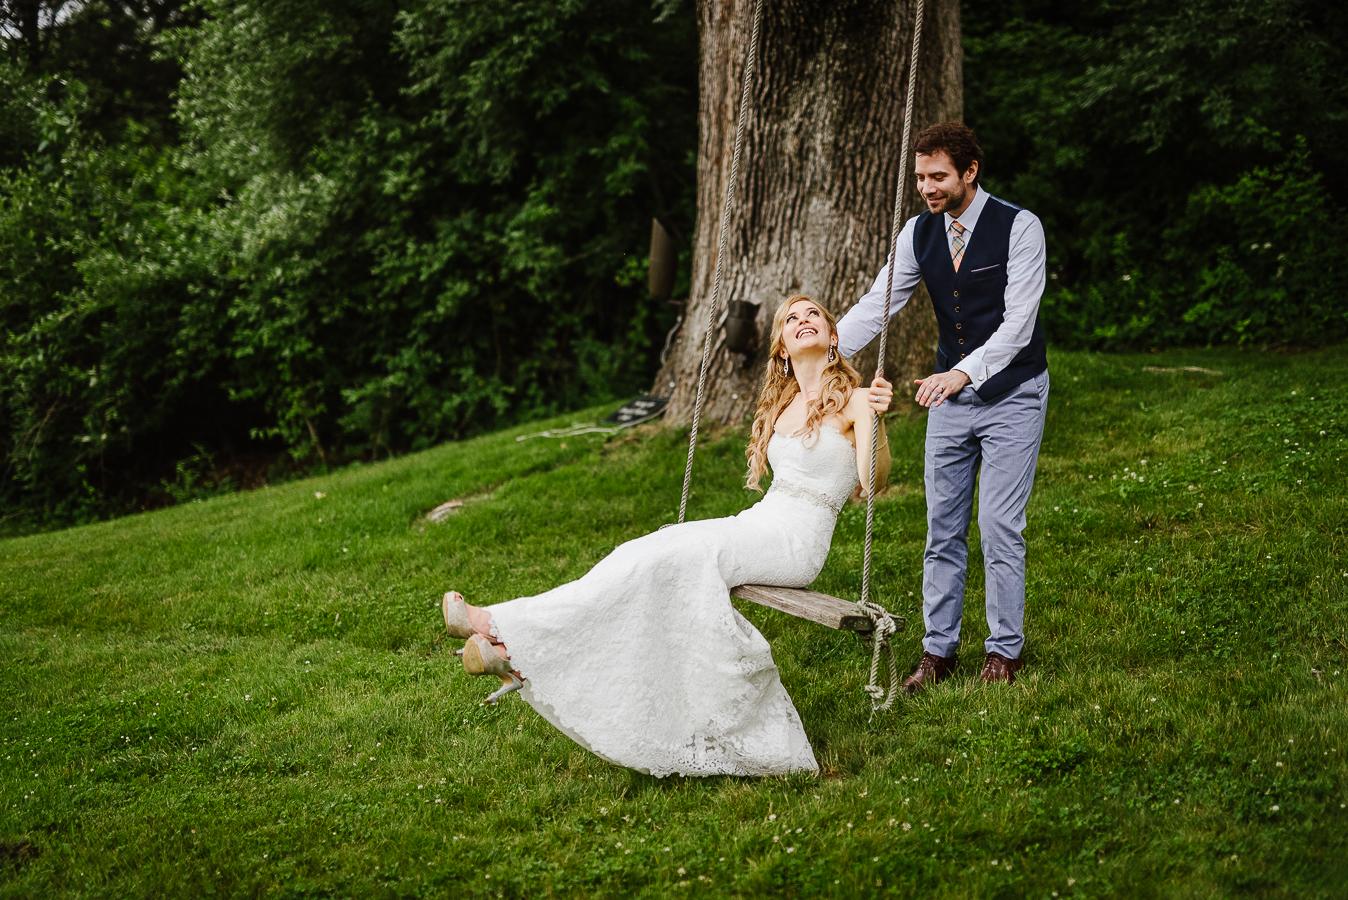 Stylish Crossed Keys Inn Wedding Crossed Keys Wedding Crossed Keys Inn Andover NJ Longbrook Photography-70.jpg